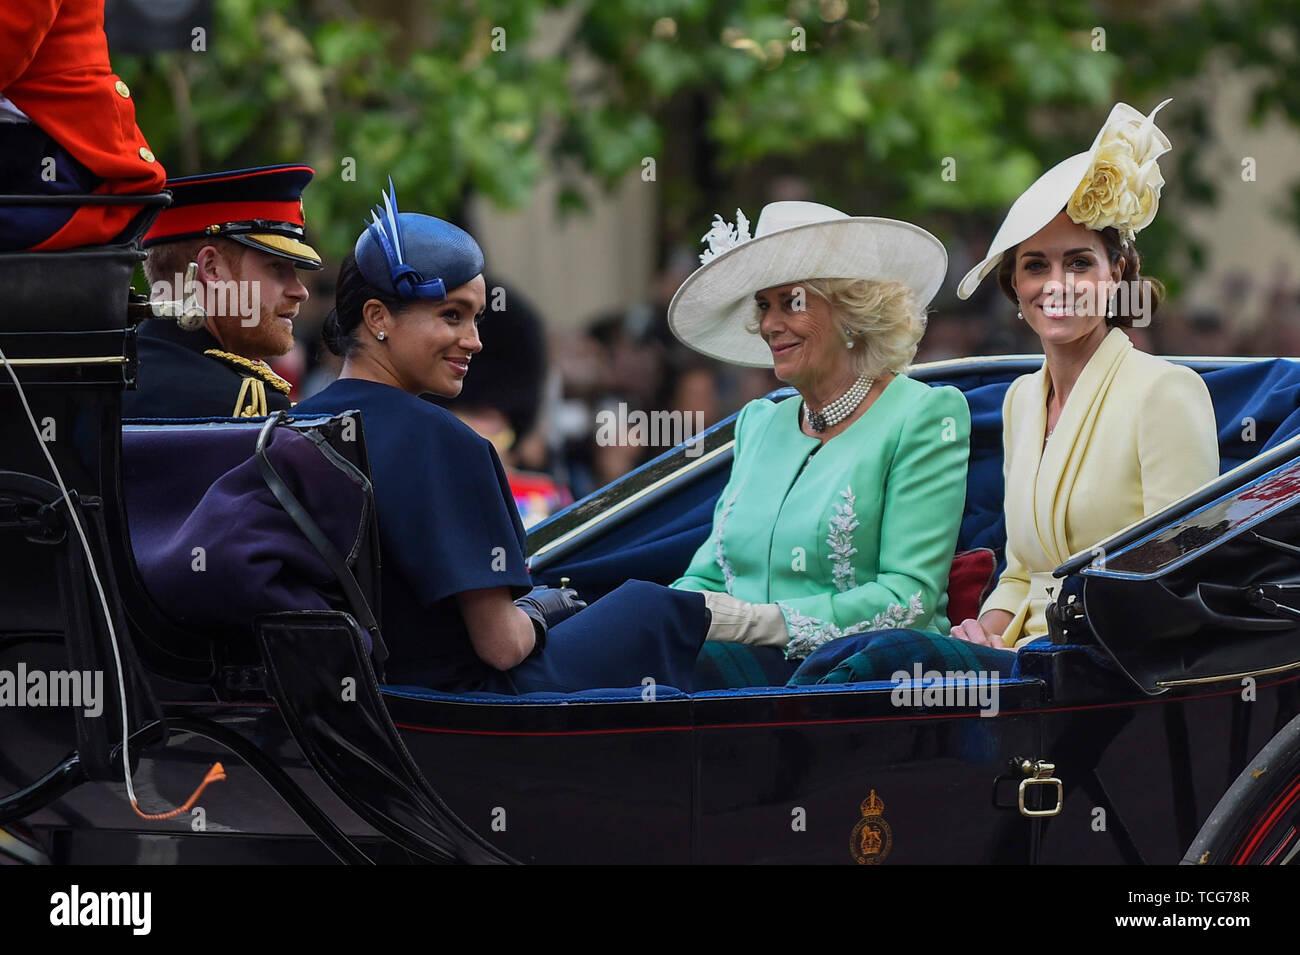 Londres, Royaume-Uni. 8 juin 2019. La duchesse de Cornouailles, duchesse de Cambridge et de duc et duchesse de Sussex passent le long du Mall, l'équitation dans un top, la calèche retour à Buckingham Palace, au cours de la parade de la couleur sur le 93e anniversaire de la Reine. Crédit: Stephen Chung / Alamy Live News Photo Stock